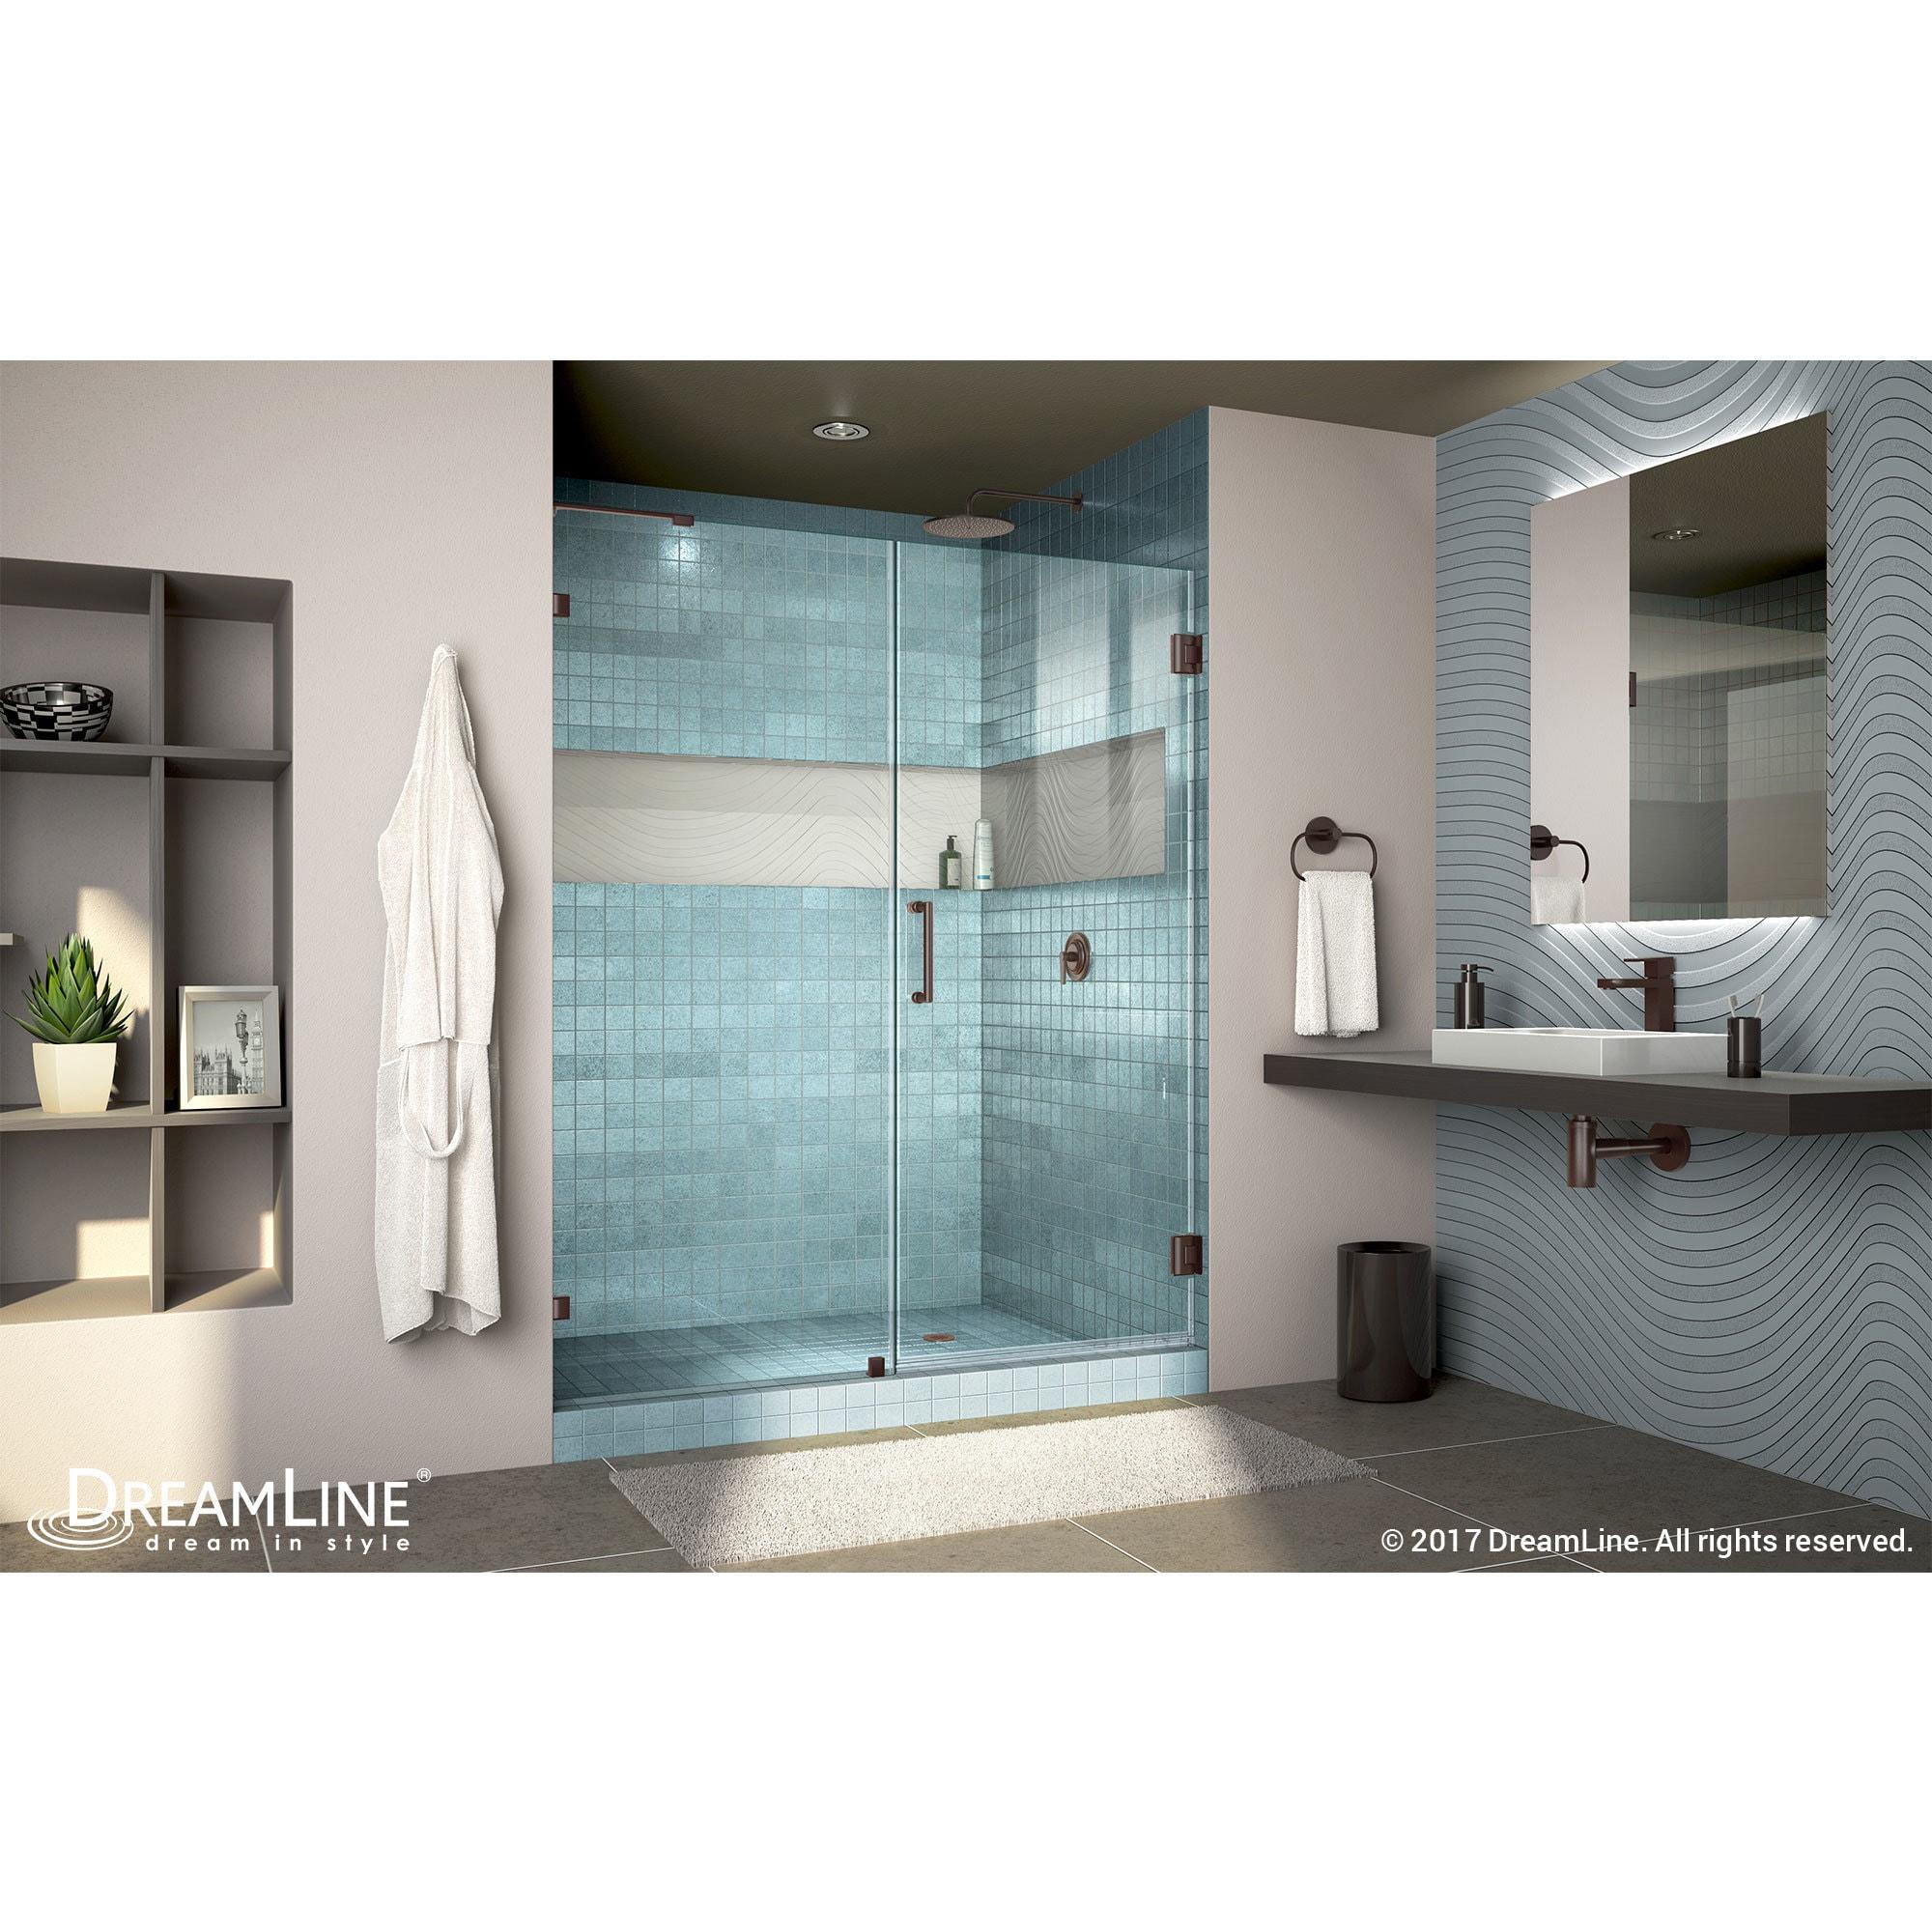 Dreamline Unidoor Lux 53 In W X 72 In H Hinged Shower Door With Support Arm 53 W Overstock 7509751